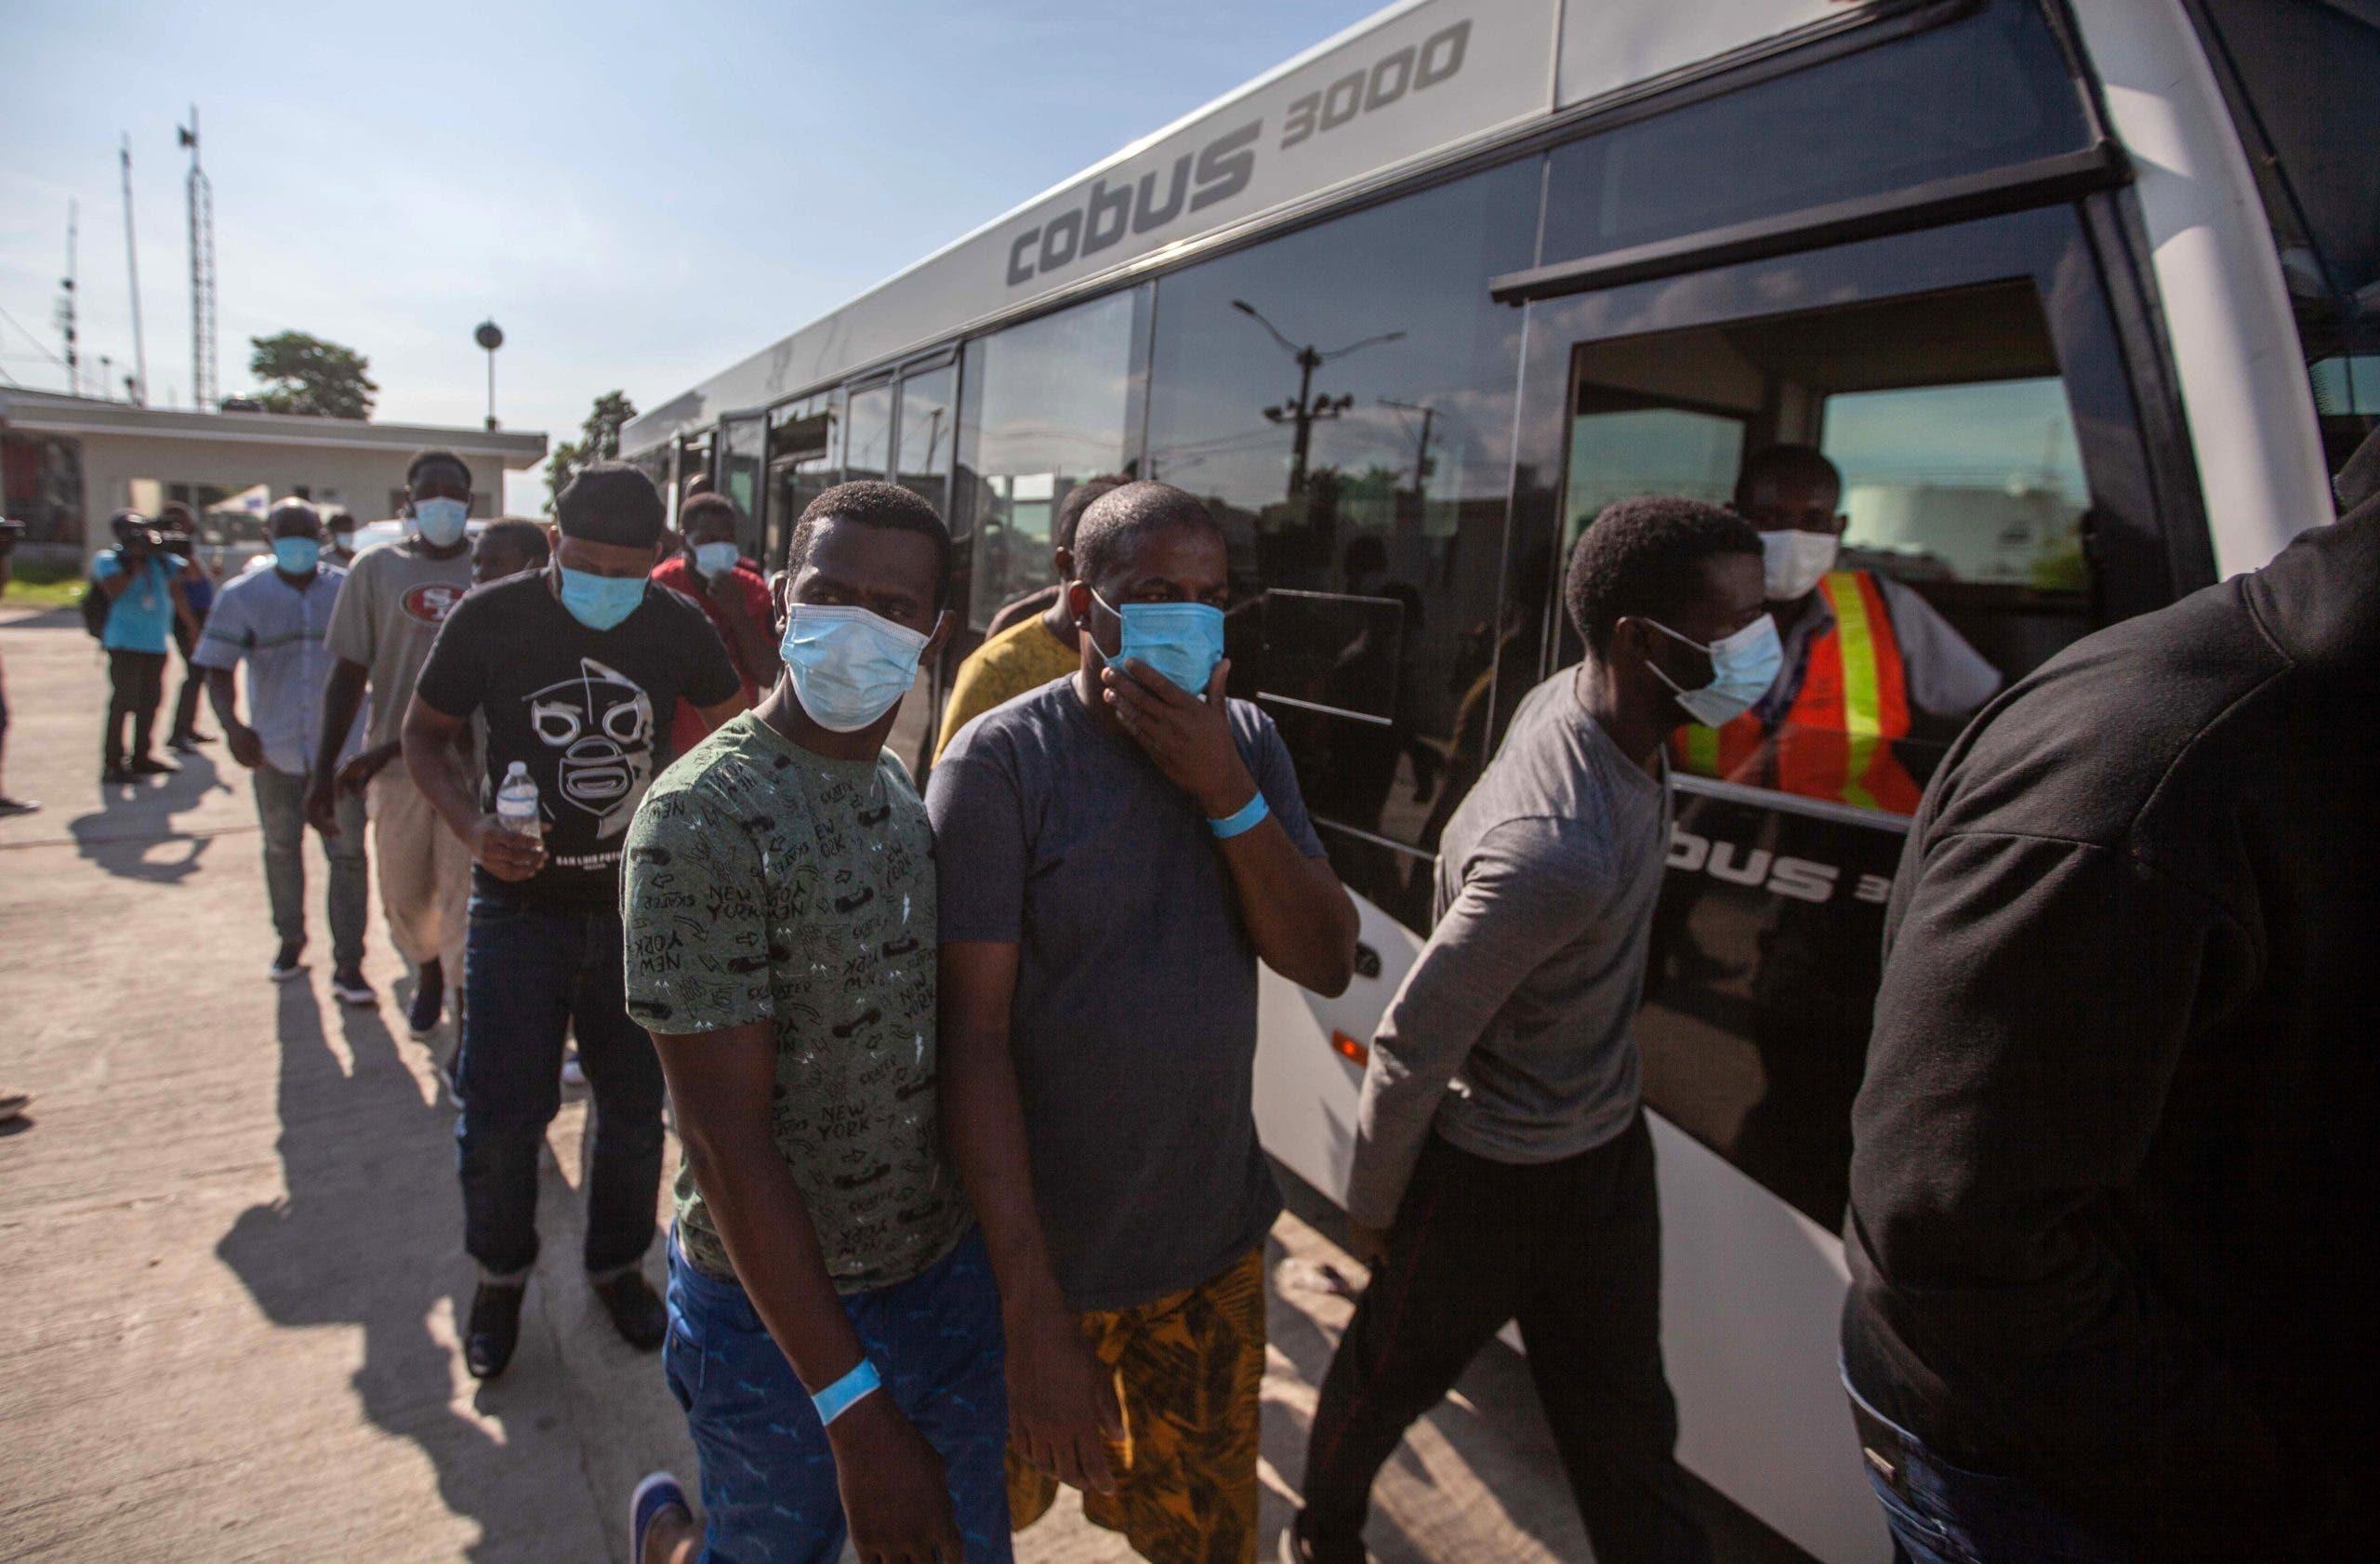 EEUU defiende expulsión masiva de migrantes haitianos